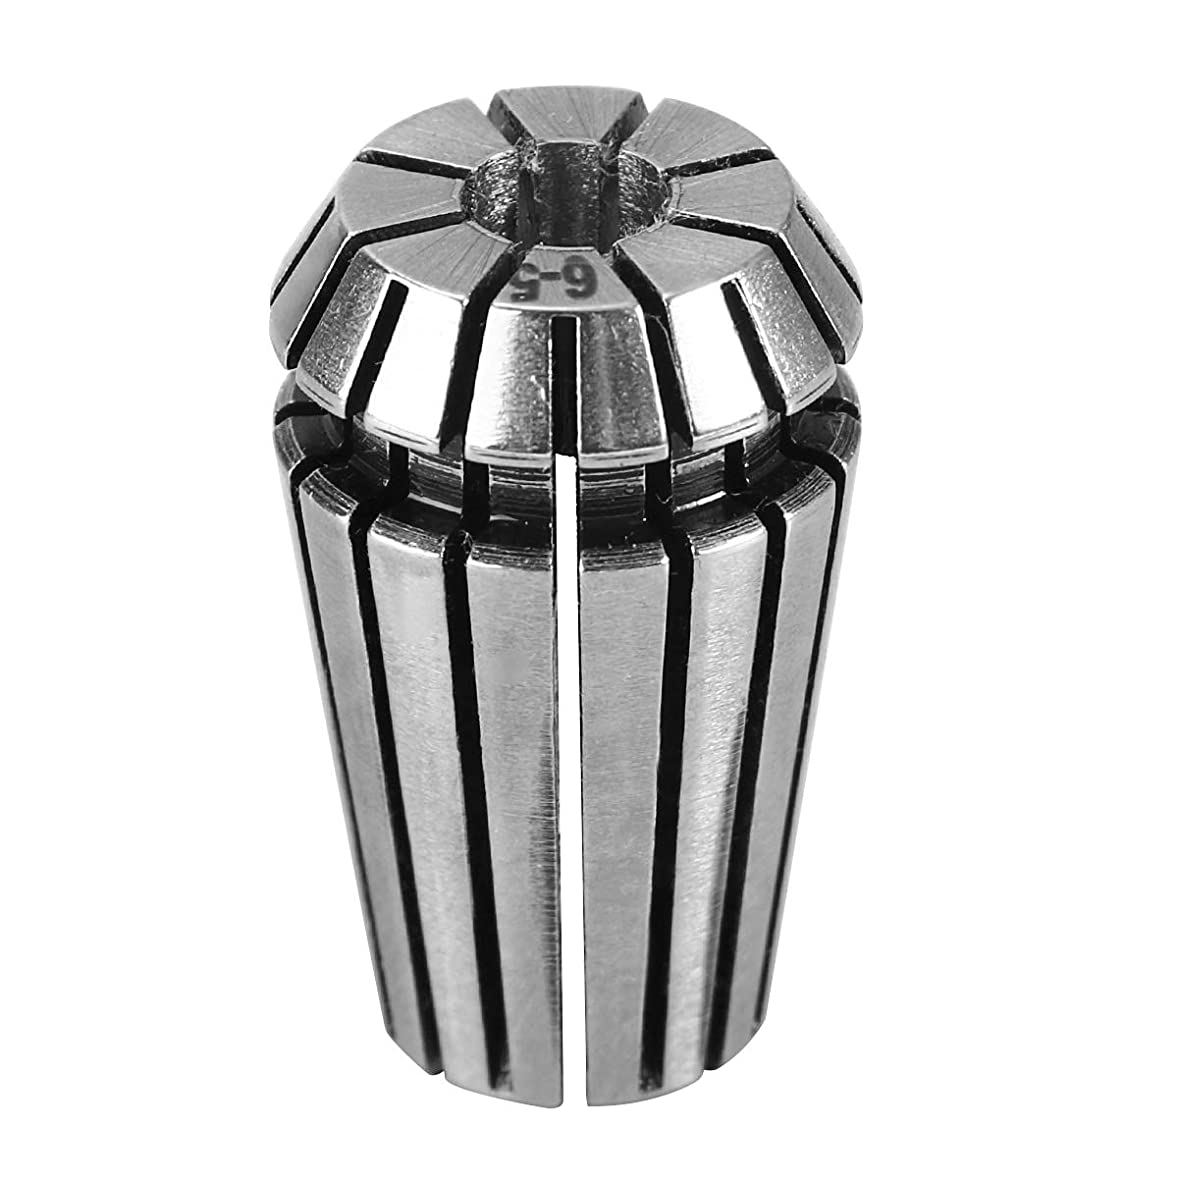 小売比喩香りLIOOBO 精度コレットチャックスプリングコレット ステンレス鋼 クランプ 2個セットER16